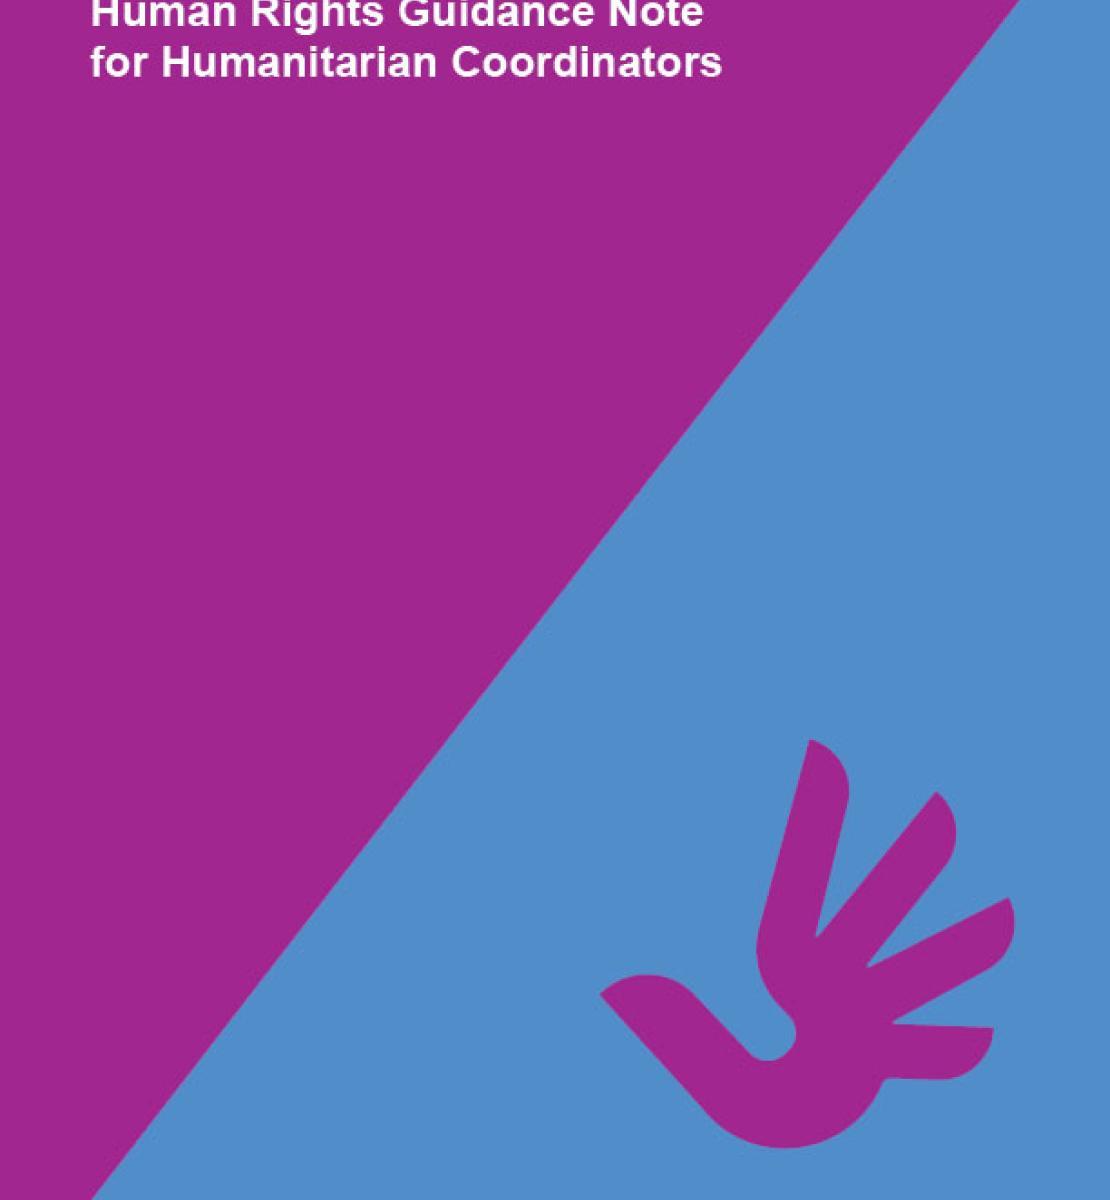 面向人道主义协调员的人权指导说明